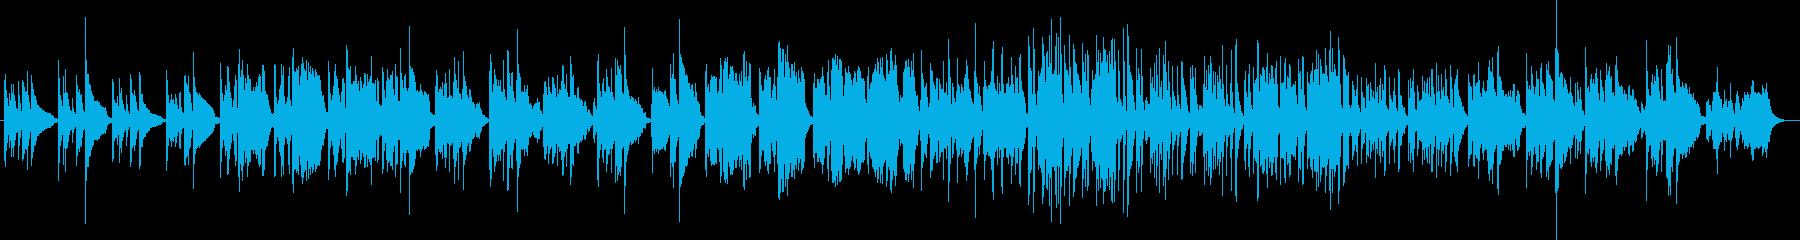 クラシック 静か 楽しげ やる気 ...の再生済みの波形